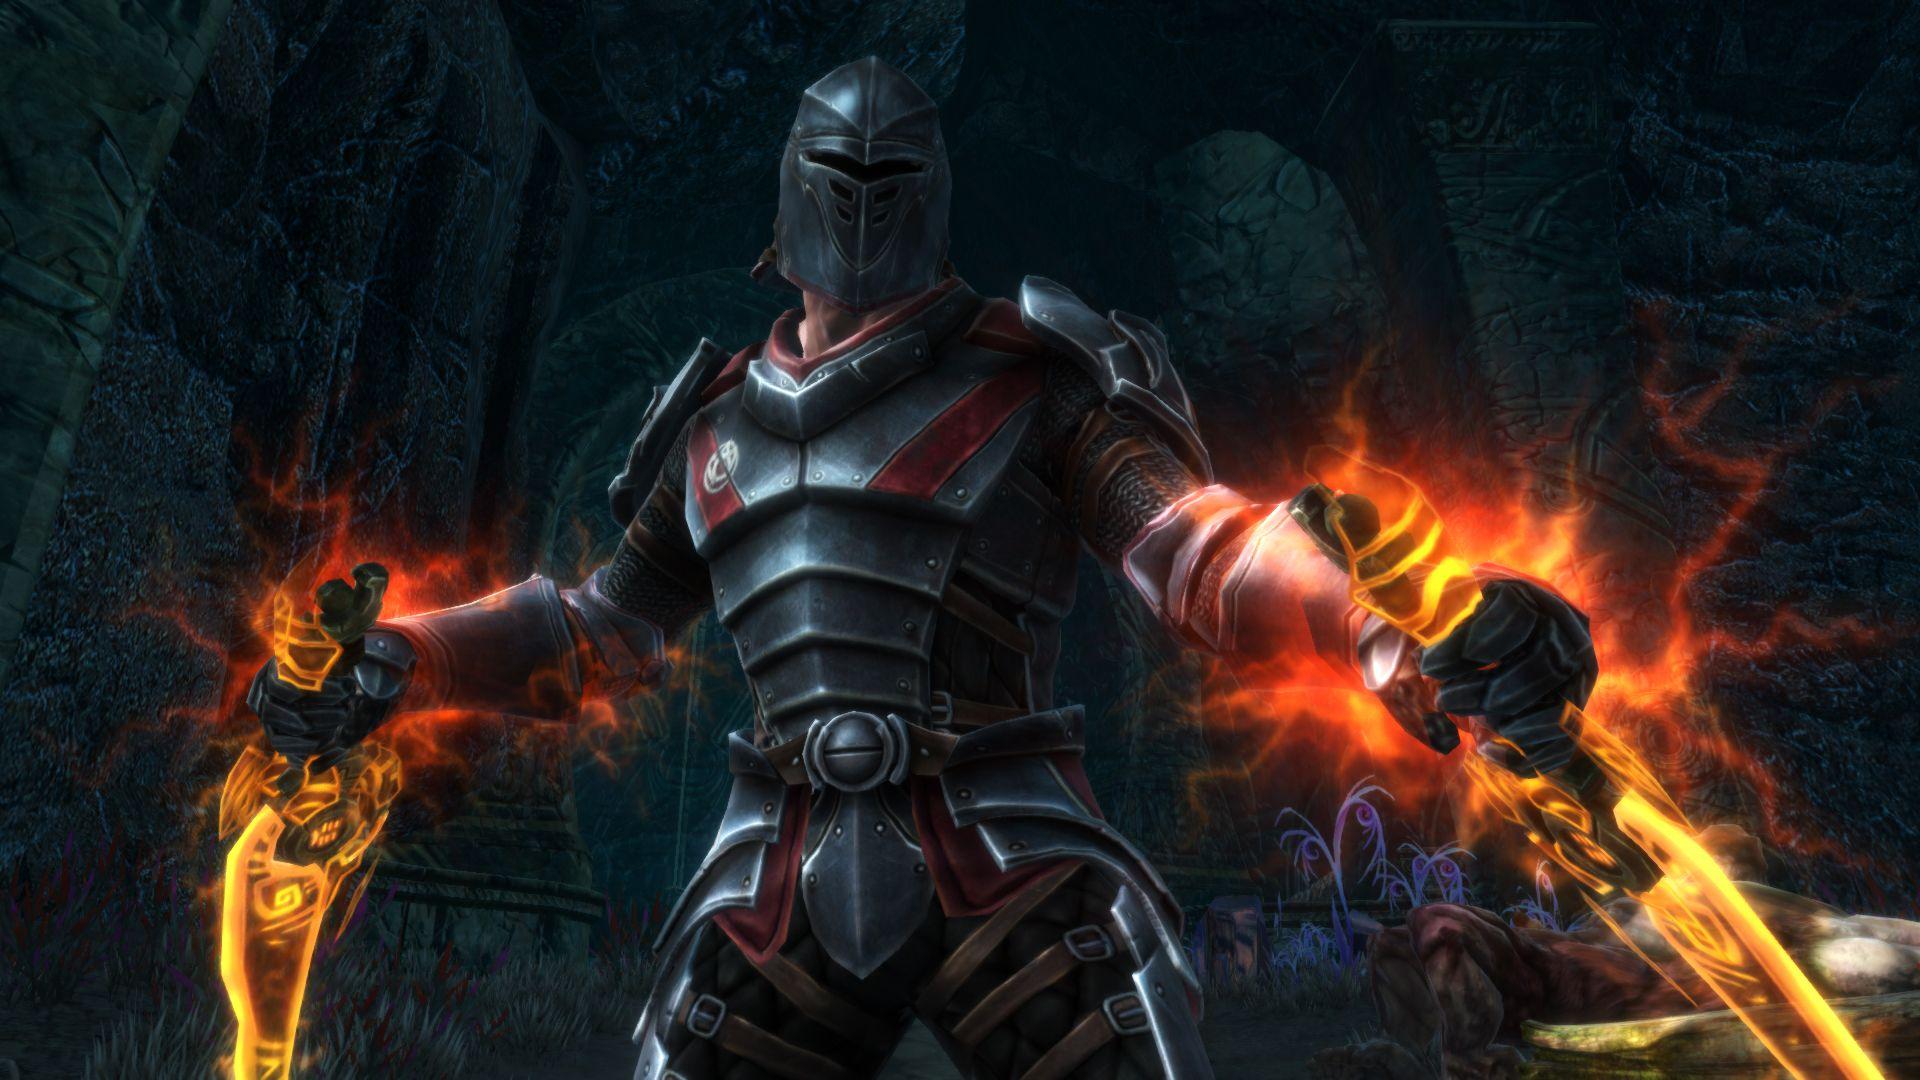 Demo Kingdoms of Amalur a exkluzivní bonusy pro Mass Effect 3 58587